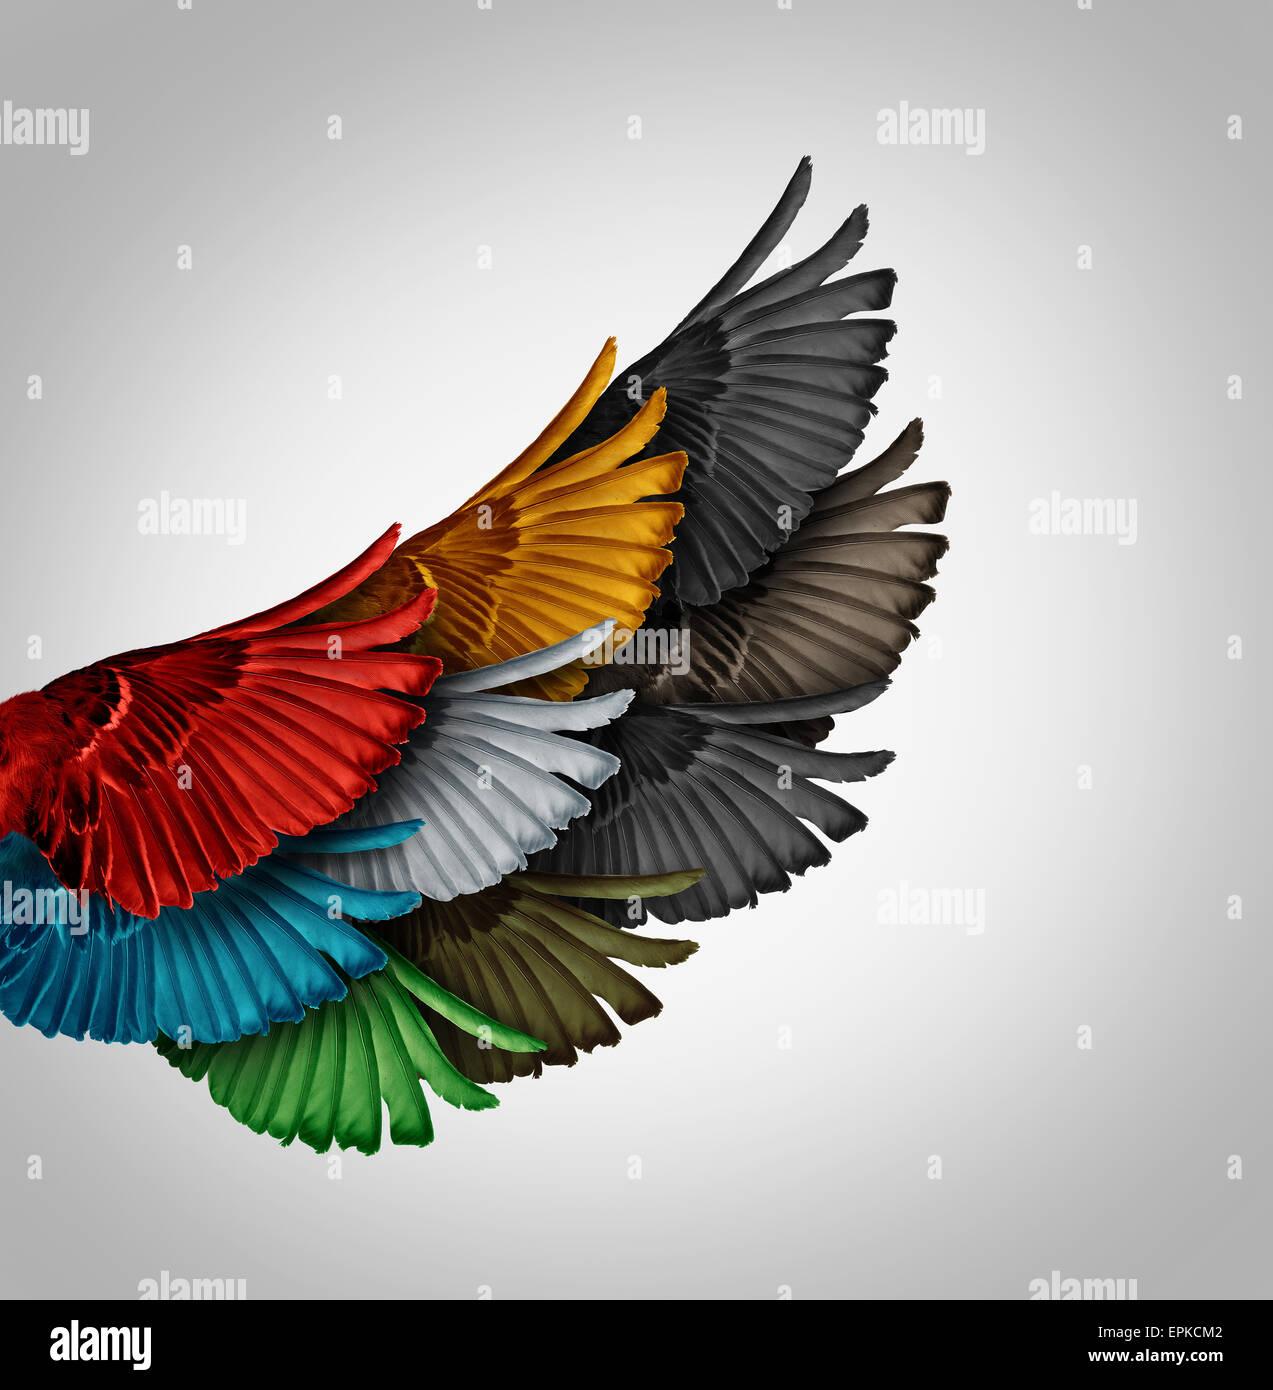 Concetto di alleanza e lavorare insieme idea di business come un gruppo diversificato di ali di uccelli provenienti Immagini Stock